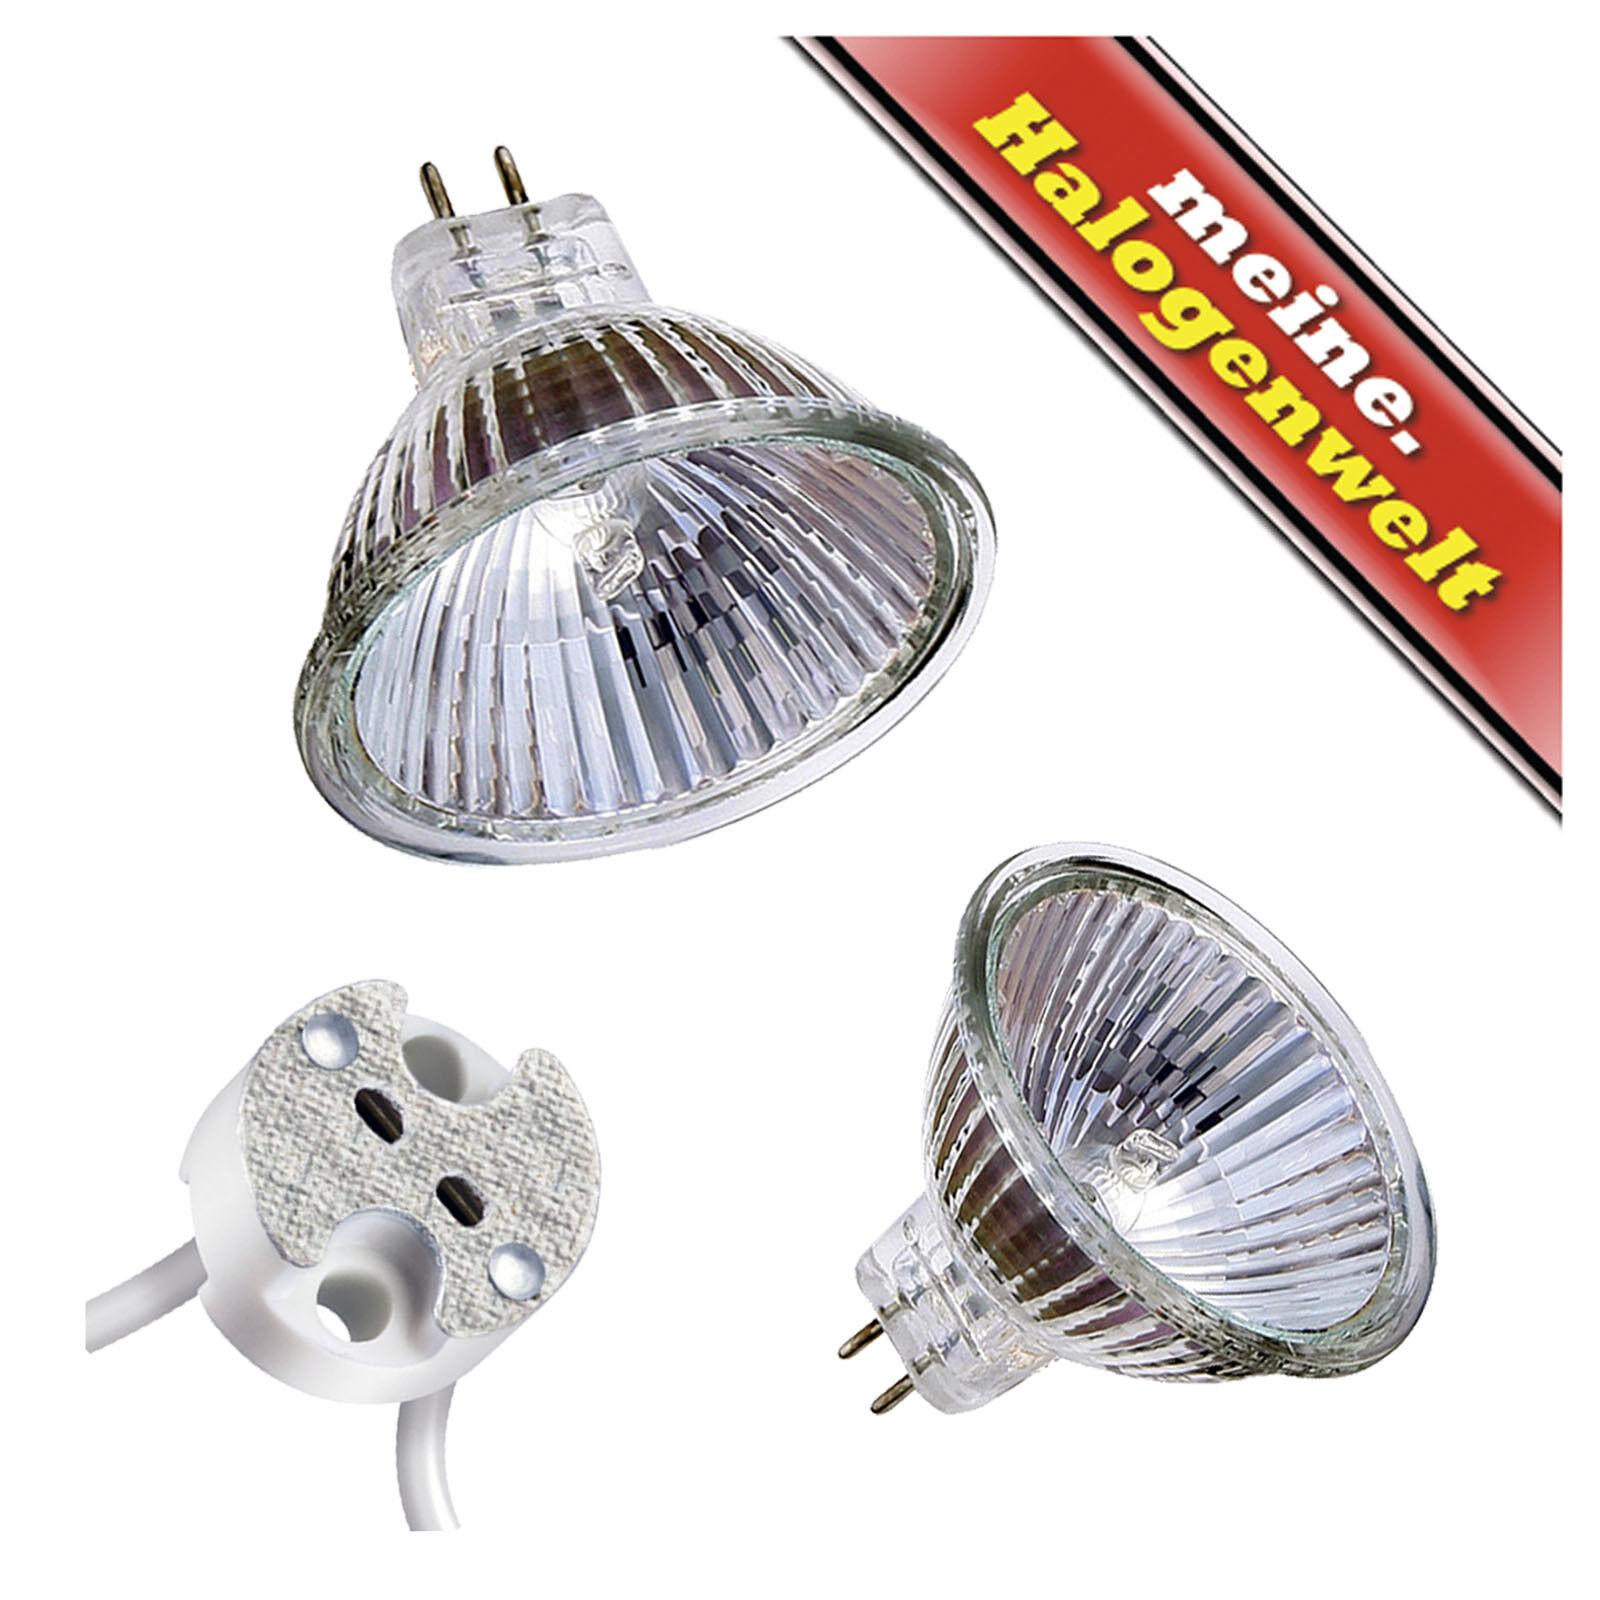 10x G4 MR11 MR16 GU4 GU5.3 Stiftsockel Lampenfassung Halter Sockel Fassung